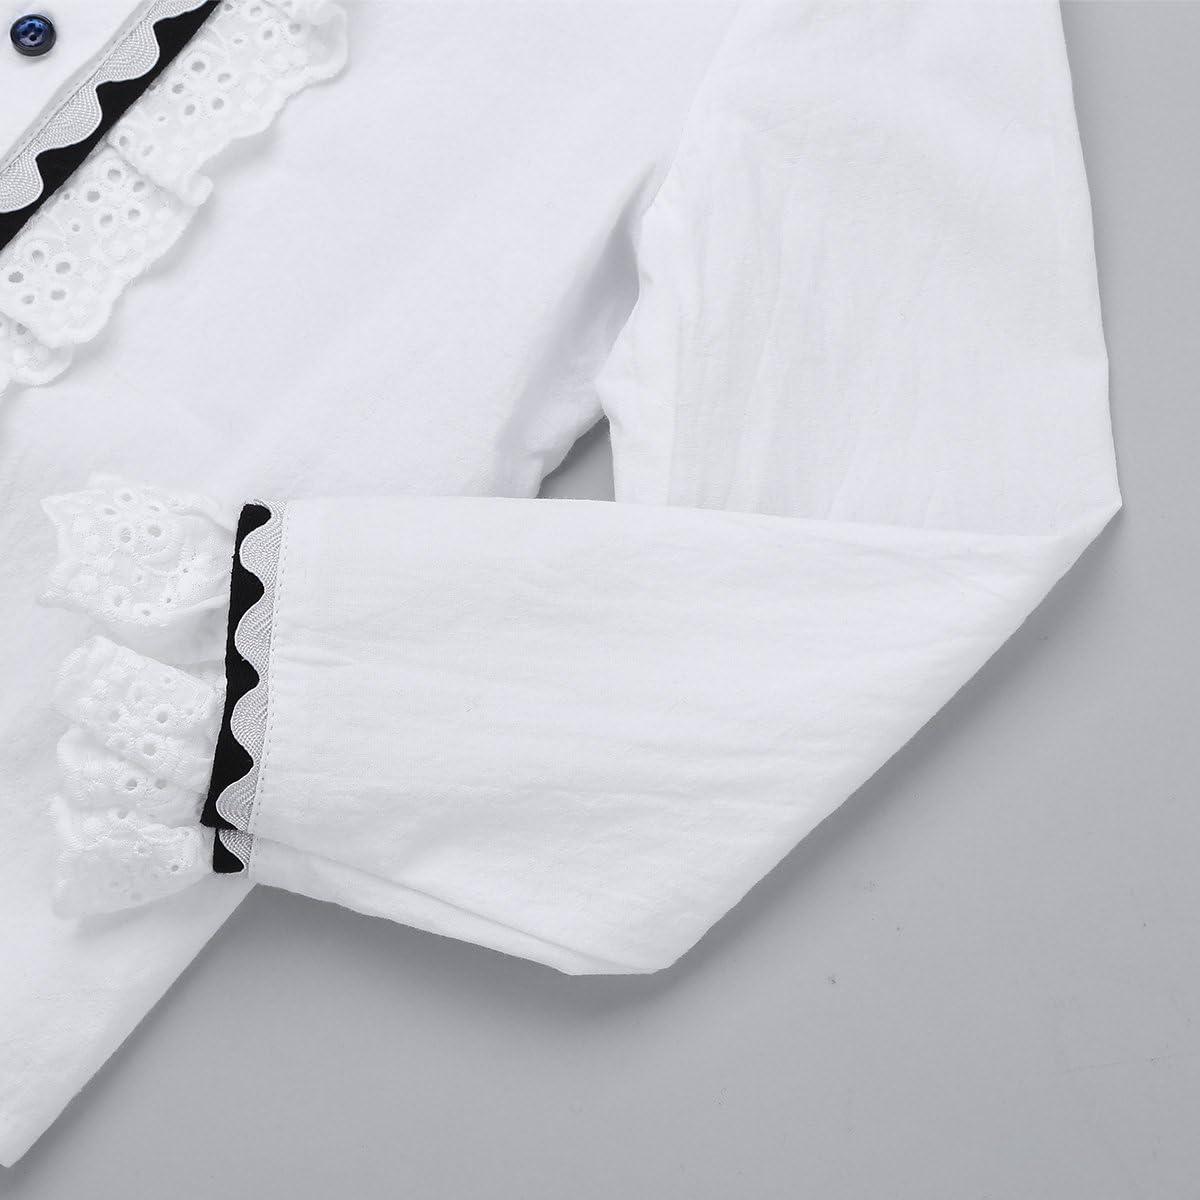 iiniim Conjuntos de Ropa Uniforme Escolar para Niñas Traje de Algodón Camisa Blanca Blusa Mangas Largas Falda Cuadros Colegio Escuela Vintege Elegante Primavera Invierno Chica Blanco 4 Años: Amazon.es: Ropa y accesorios